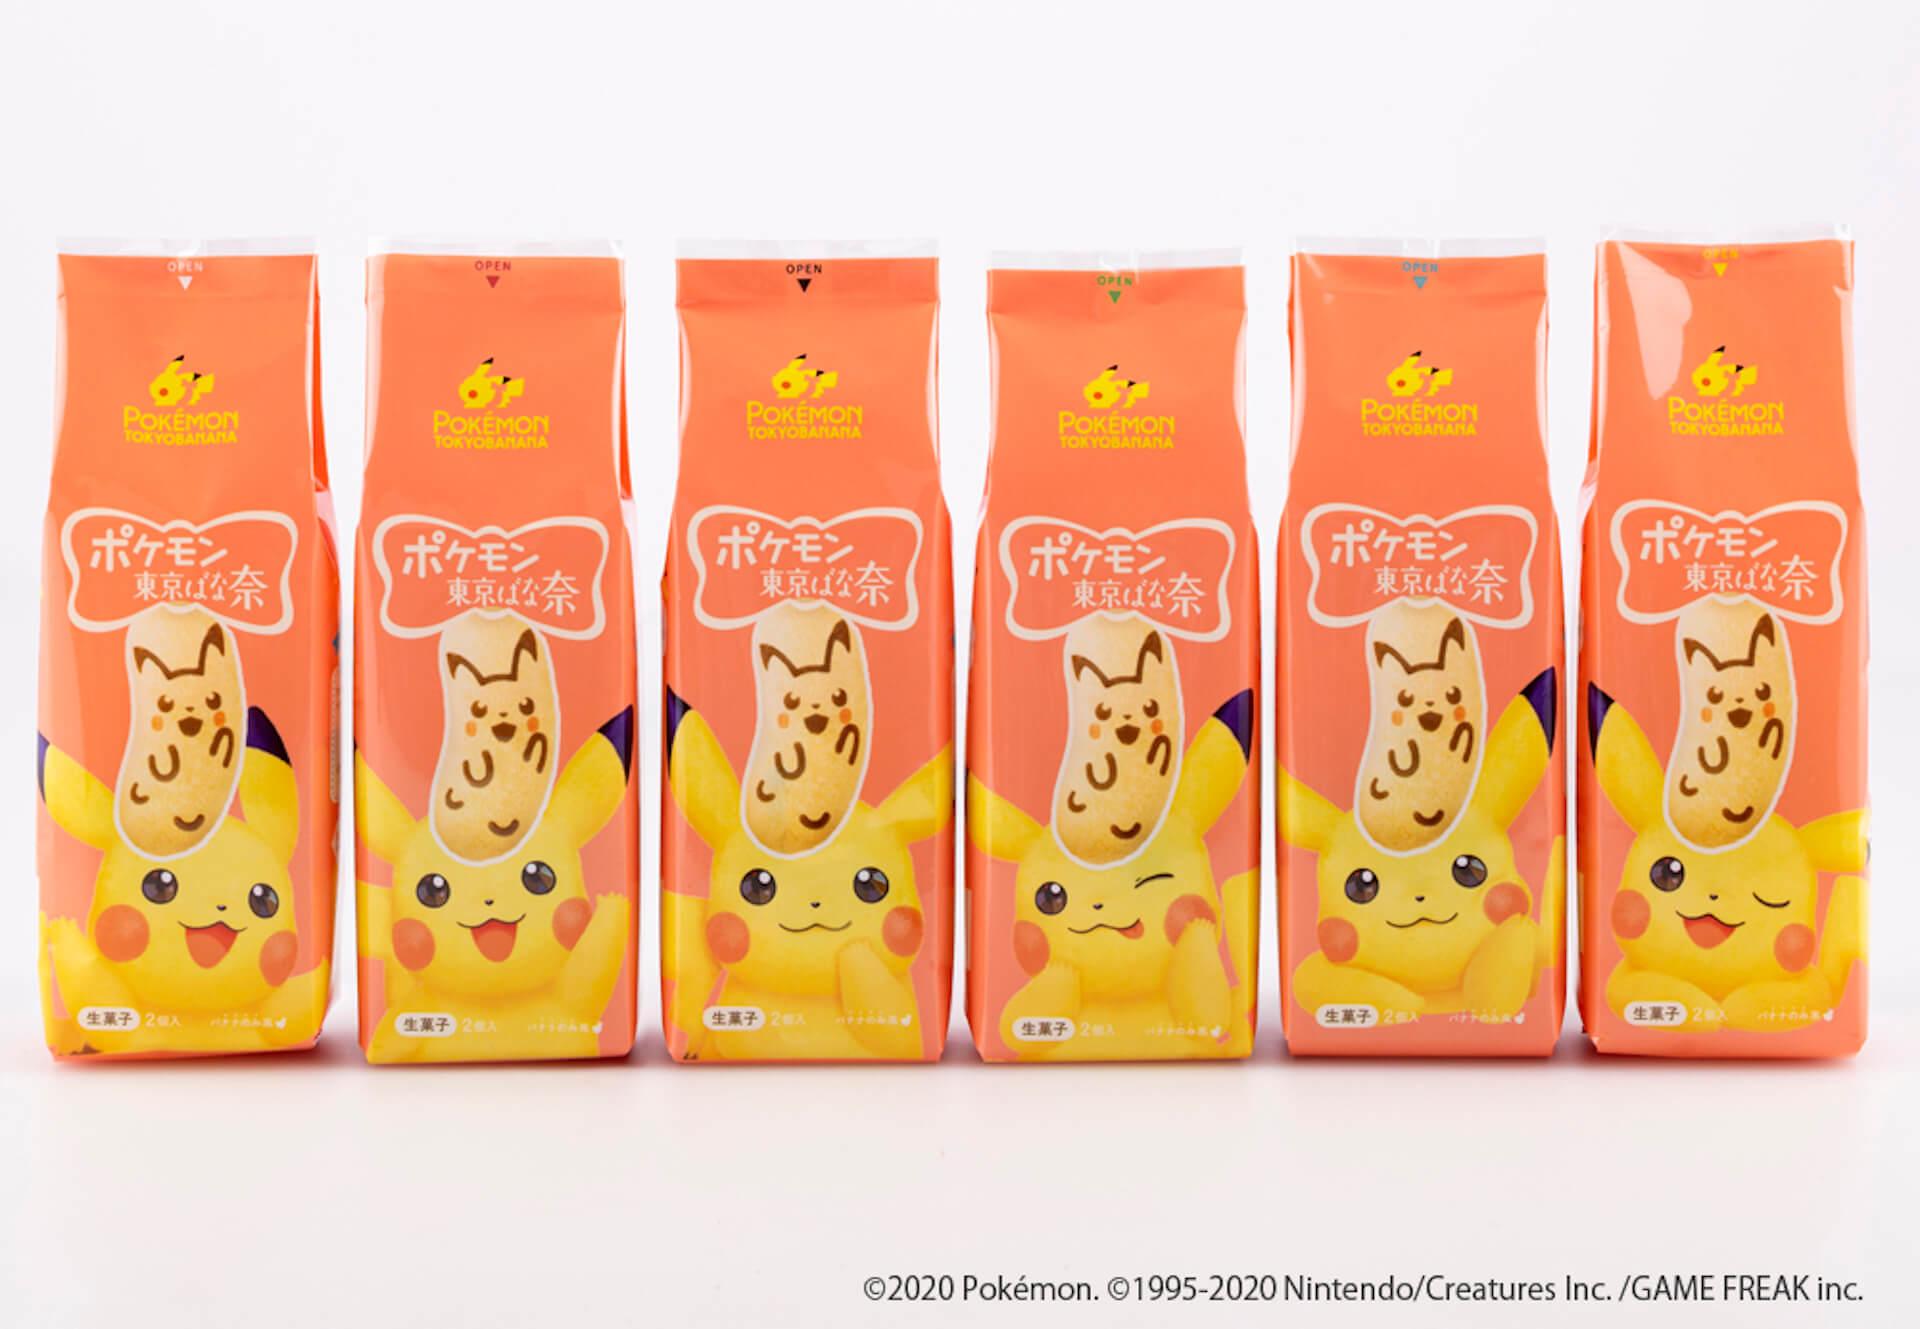 ピカチュウが東京ばな奈になっちゃった!?「ポケモン東京ばな奈」第1弾商品「ピカチュウ東京ばな奈」が北海道、東北などで数量限定先行発売 gourmet201124_tokyobanana_pokemon_8